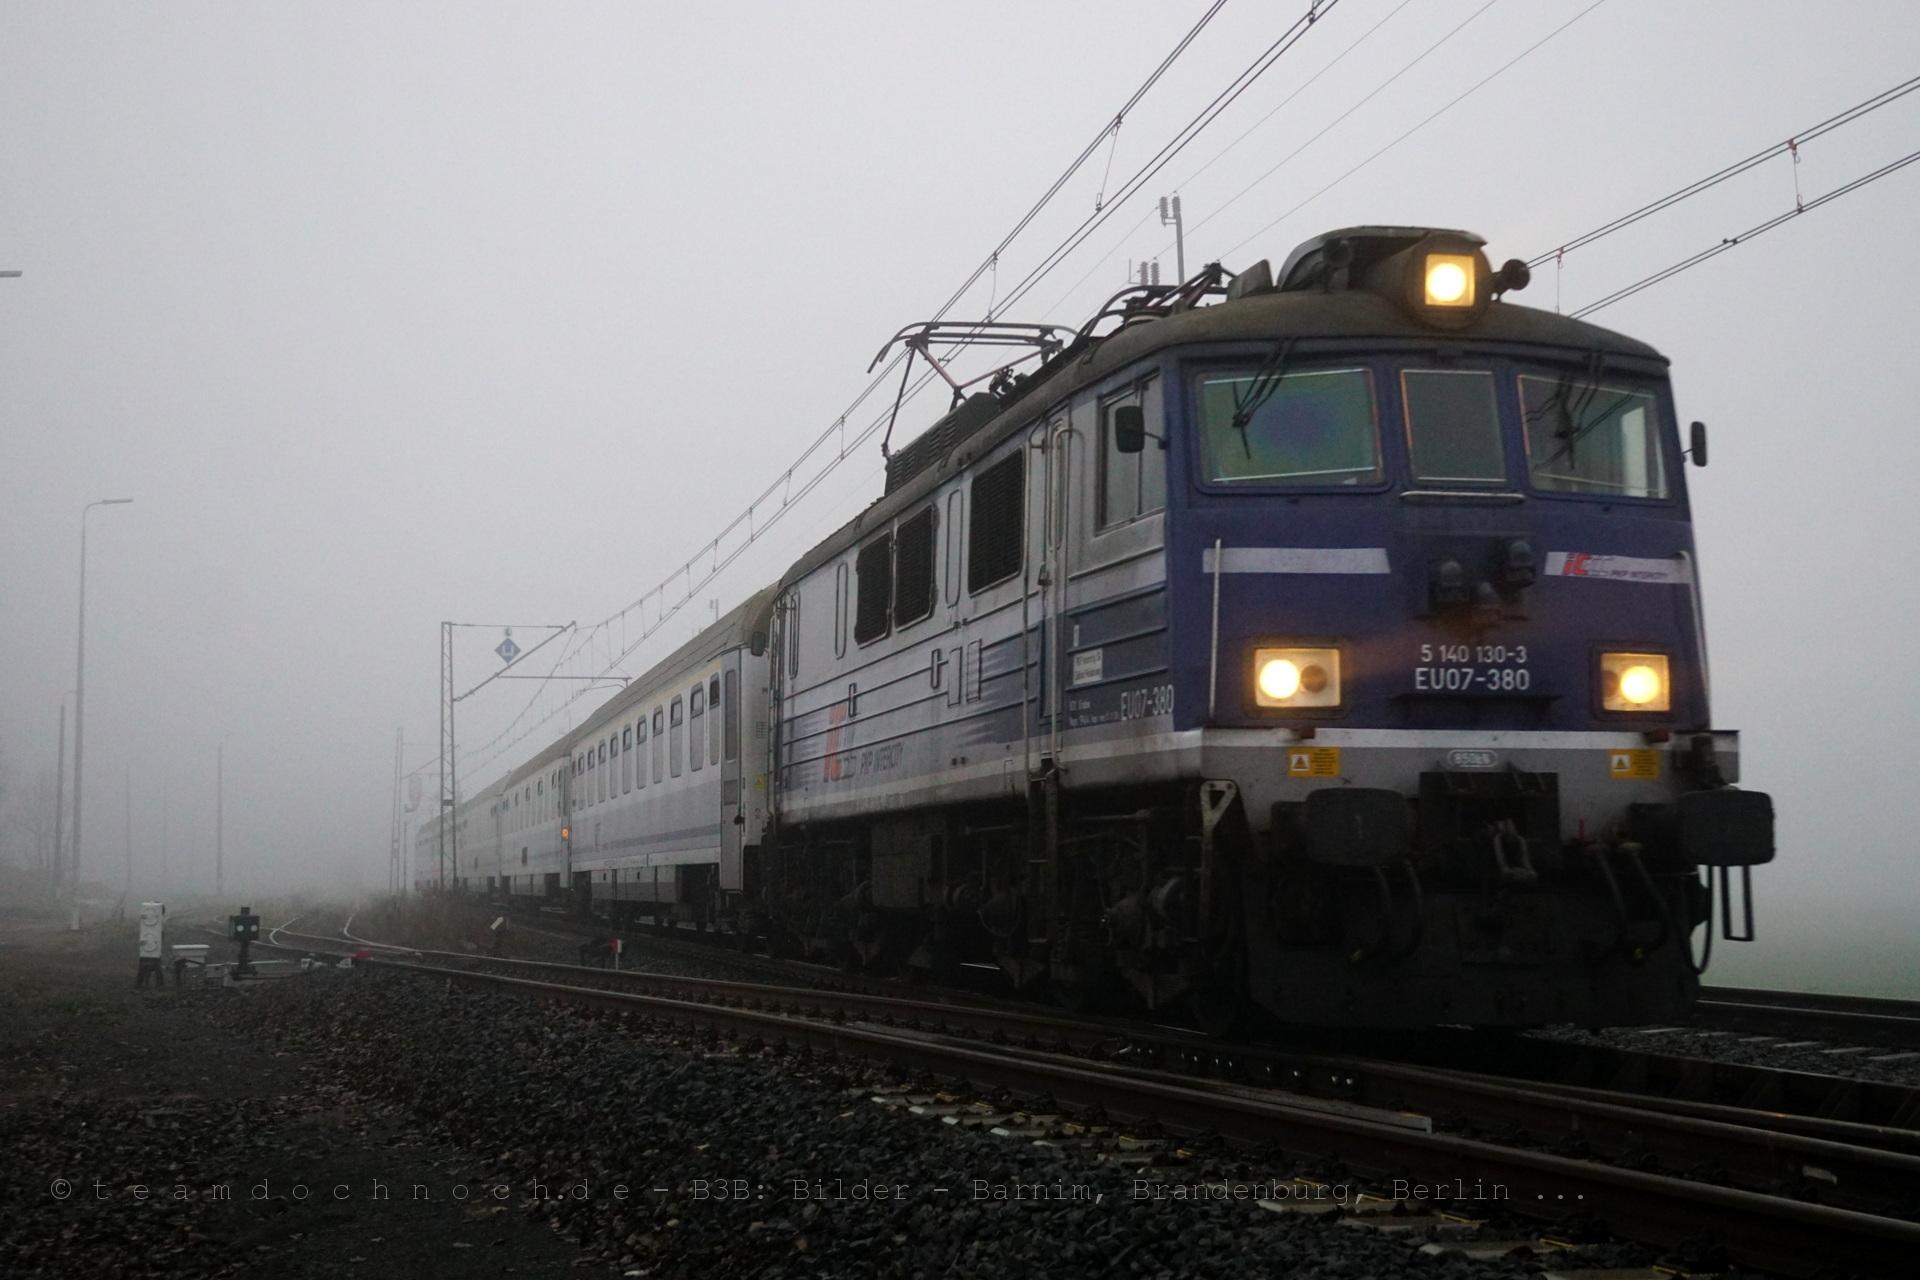 EU07-380 als IC48106 nach Szczecin Glowny in Wicin